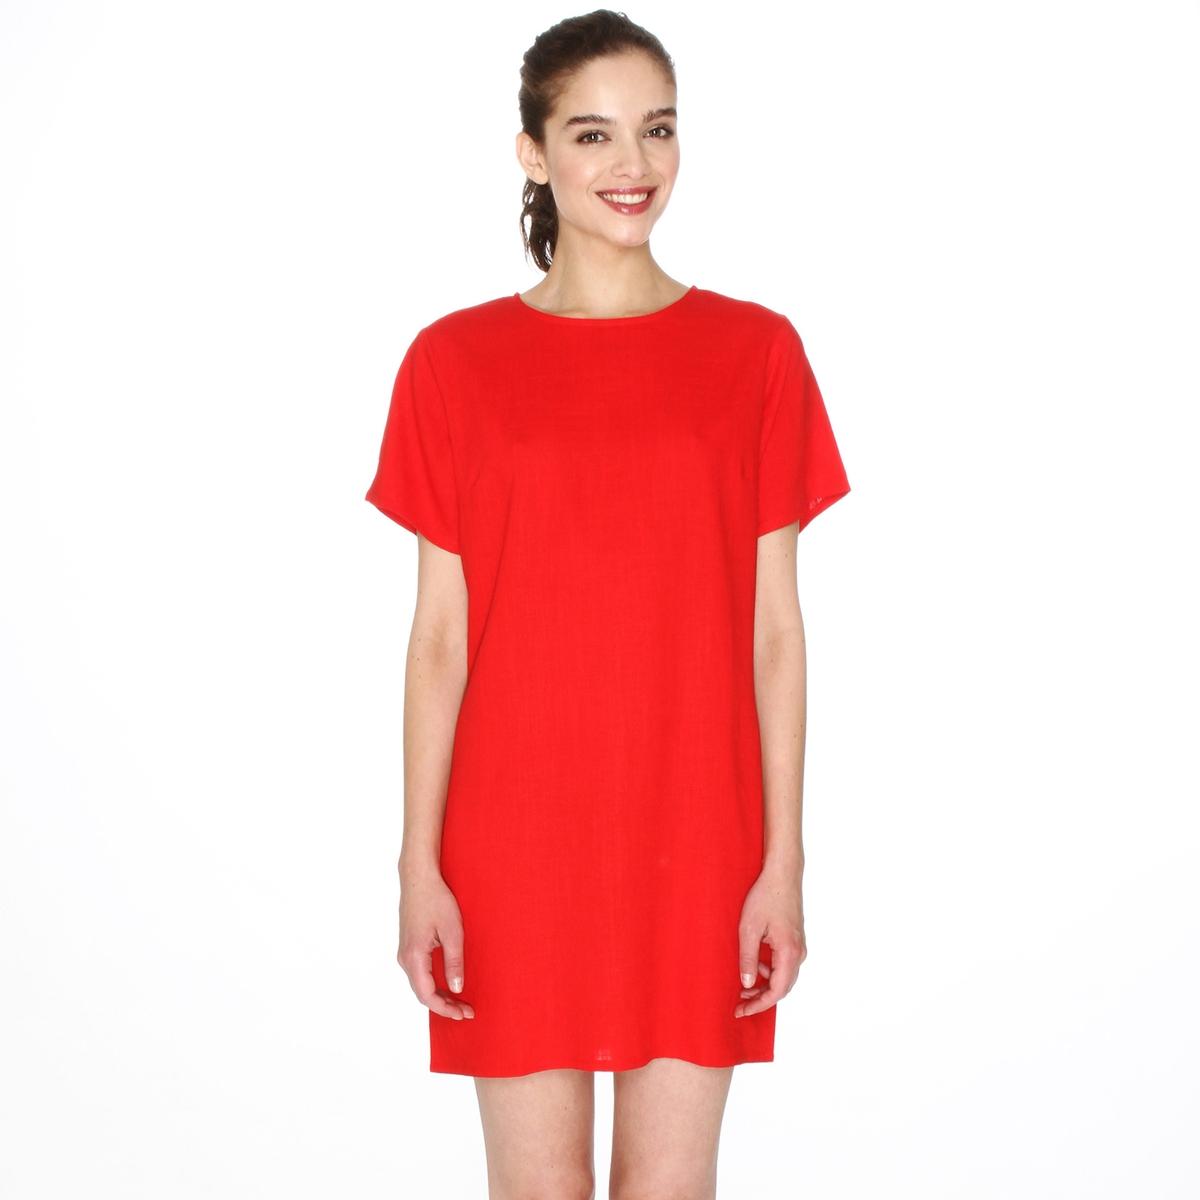 Платье прямое с короткими рукавамиДетали   •  Форма :прямая  •  короткое  •  Короткие рукава    •  Круглый вырез Состав и уход  •   45% прочих волокон, 55% полиамида  • Просьба следовать советам по уходу, указанным на этикетке изделия<br><br>Цвет: красный<br>Размер: XS